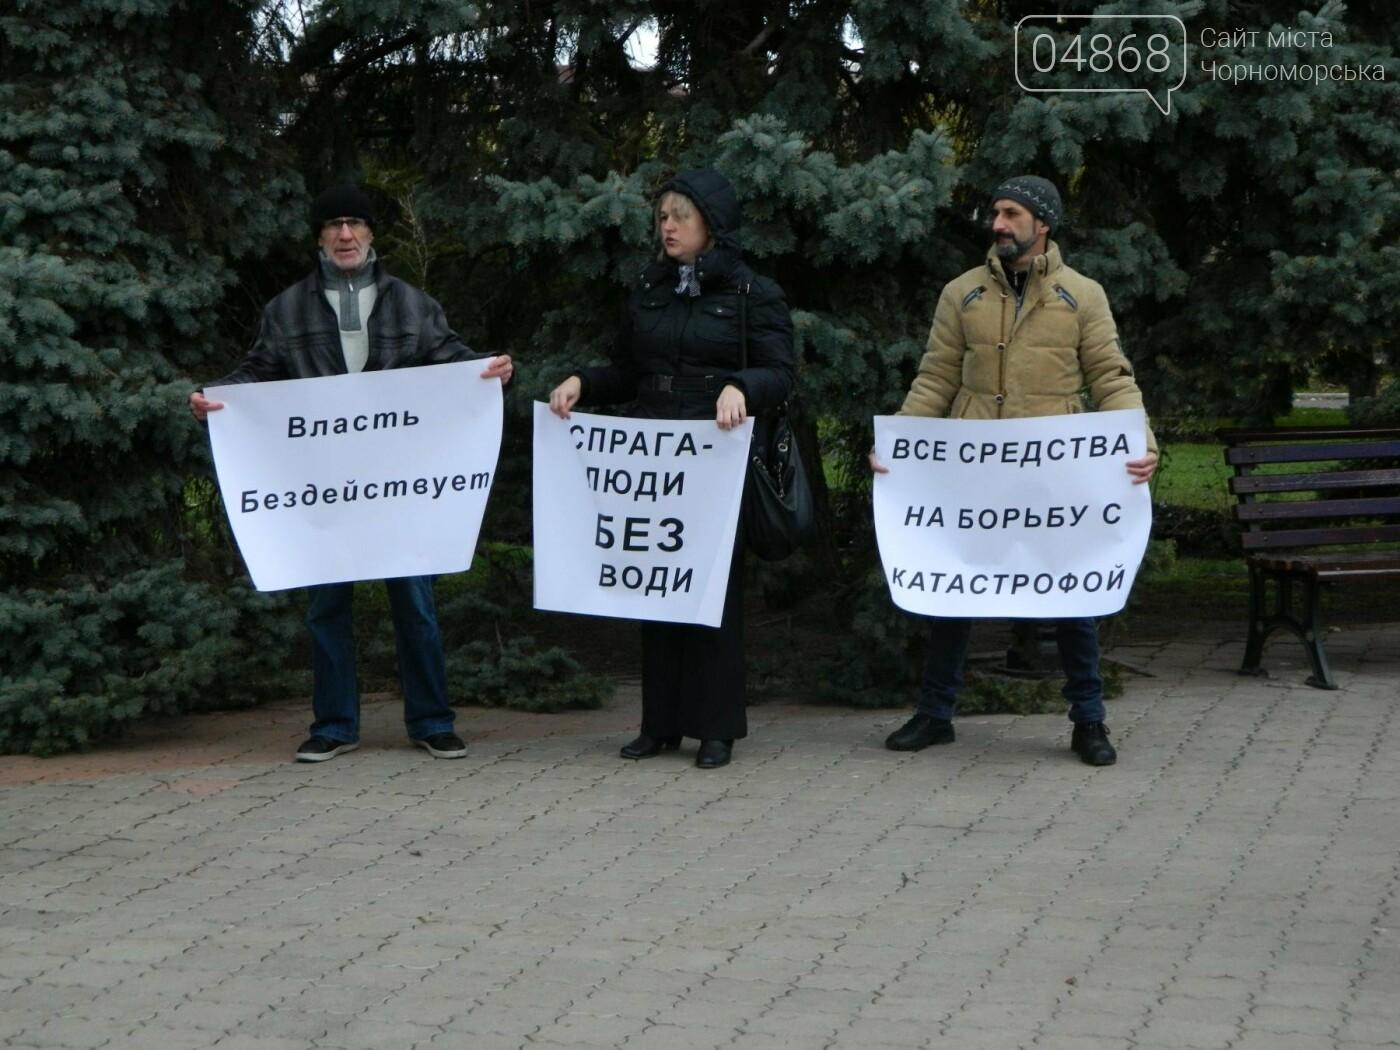 Руководители профильных служб Черноморска получили указания по экстренному решению проблем Приморской улицы, фото-5